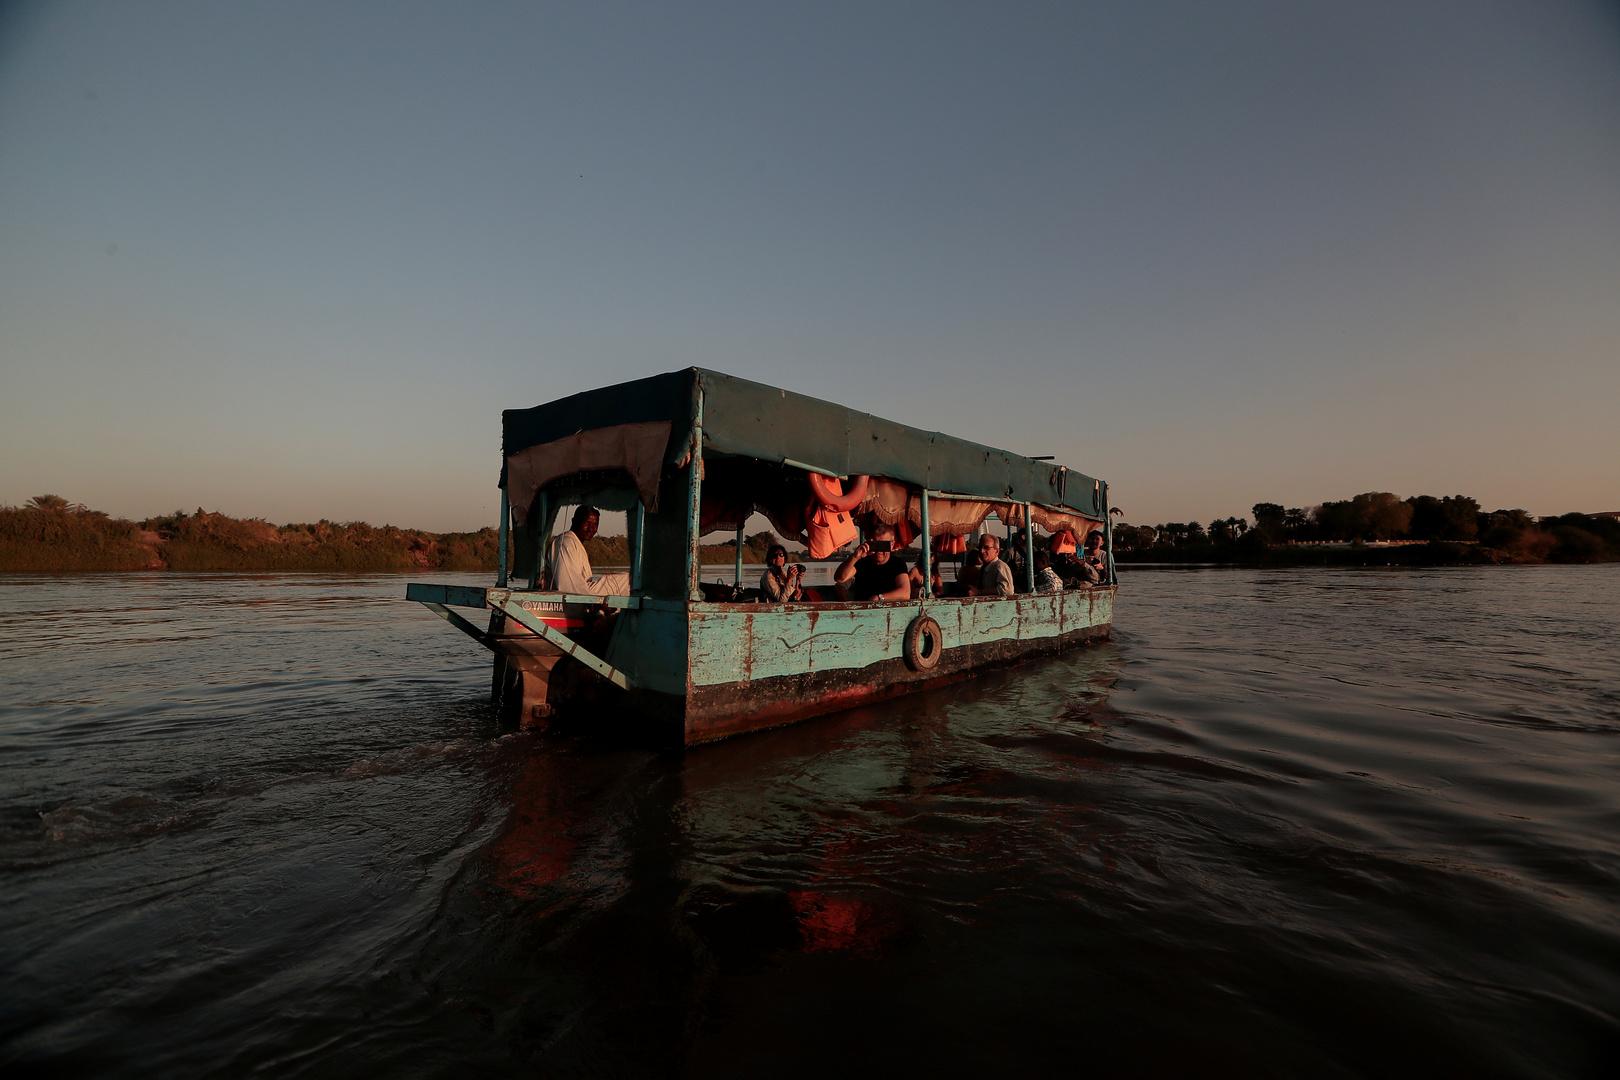 مصرع 5 مسؤولين سودانيين إثر غرق عبارة بمدينة وادي حلفا شمال السودان